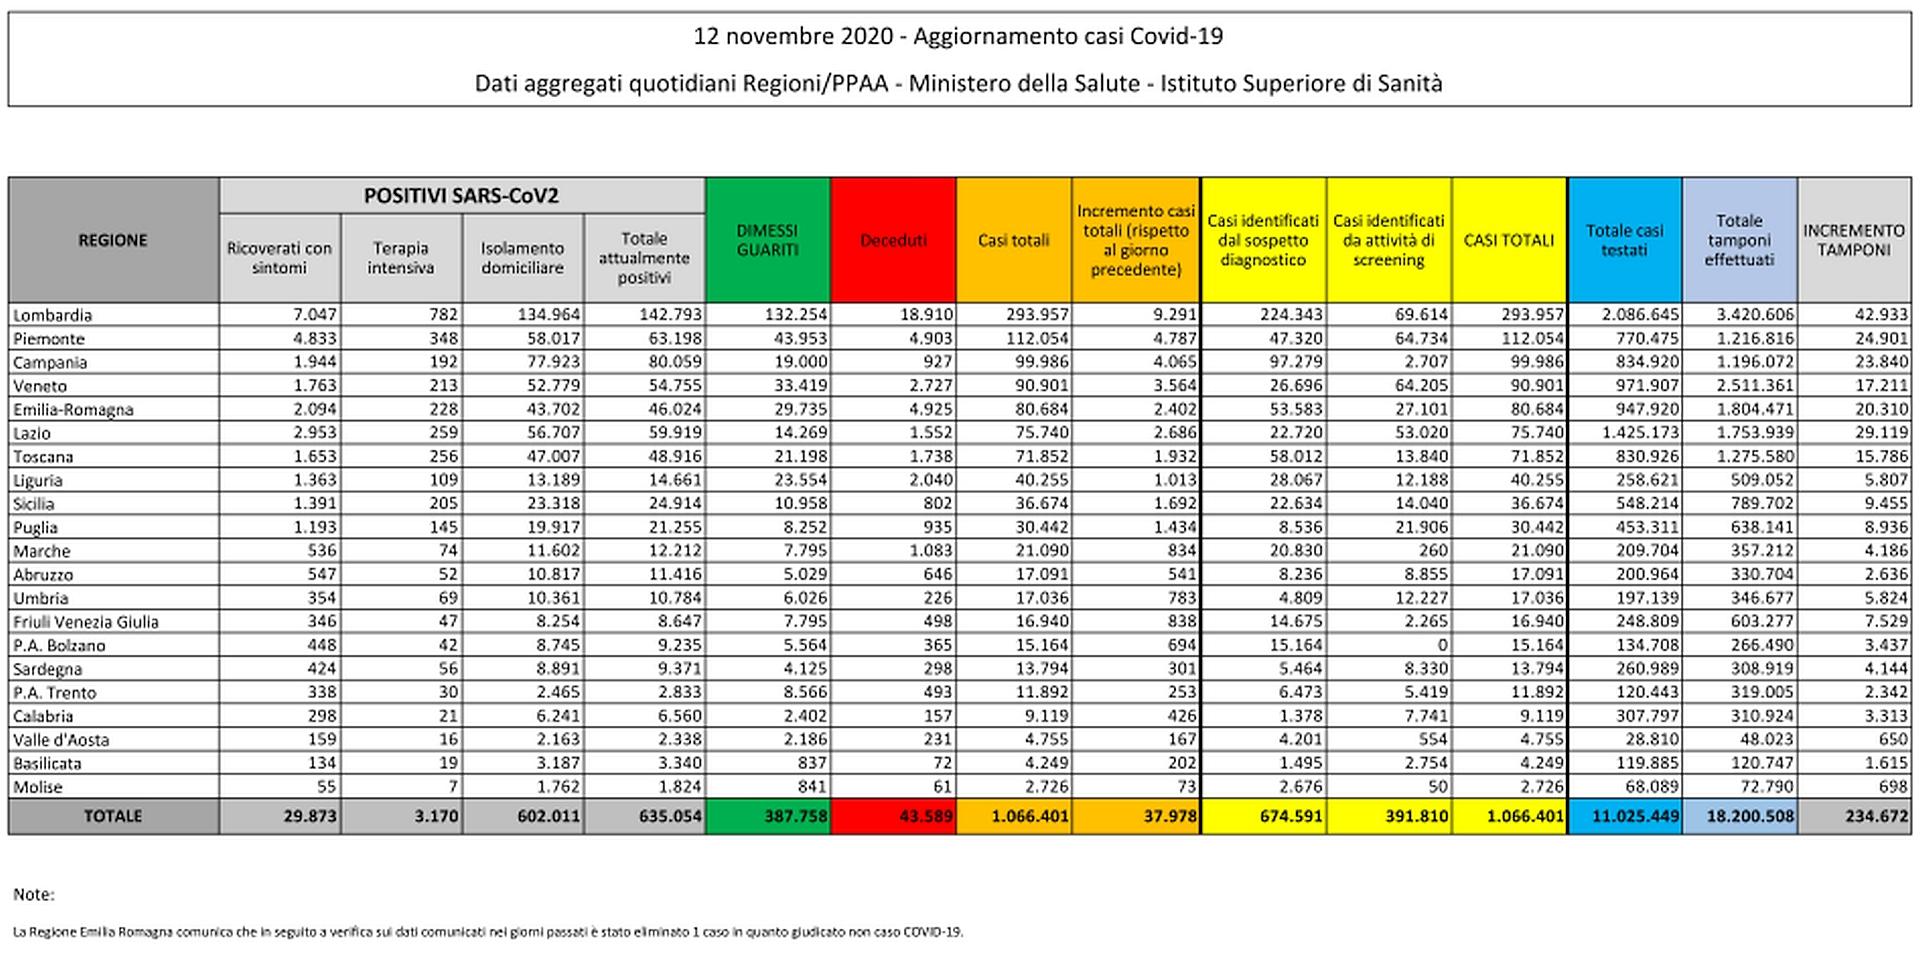 12 novembre 2020 - Aggiornamento casi Covid-19 Dati aggregati quotidiani Regioni/PPAA - Ministero della Salute - Istituto Superiore di Sanità